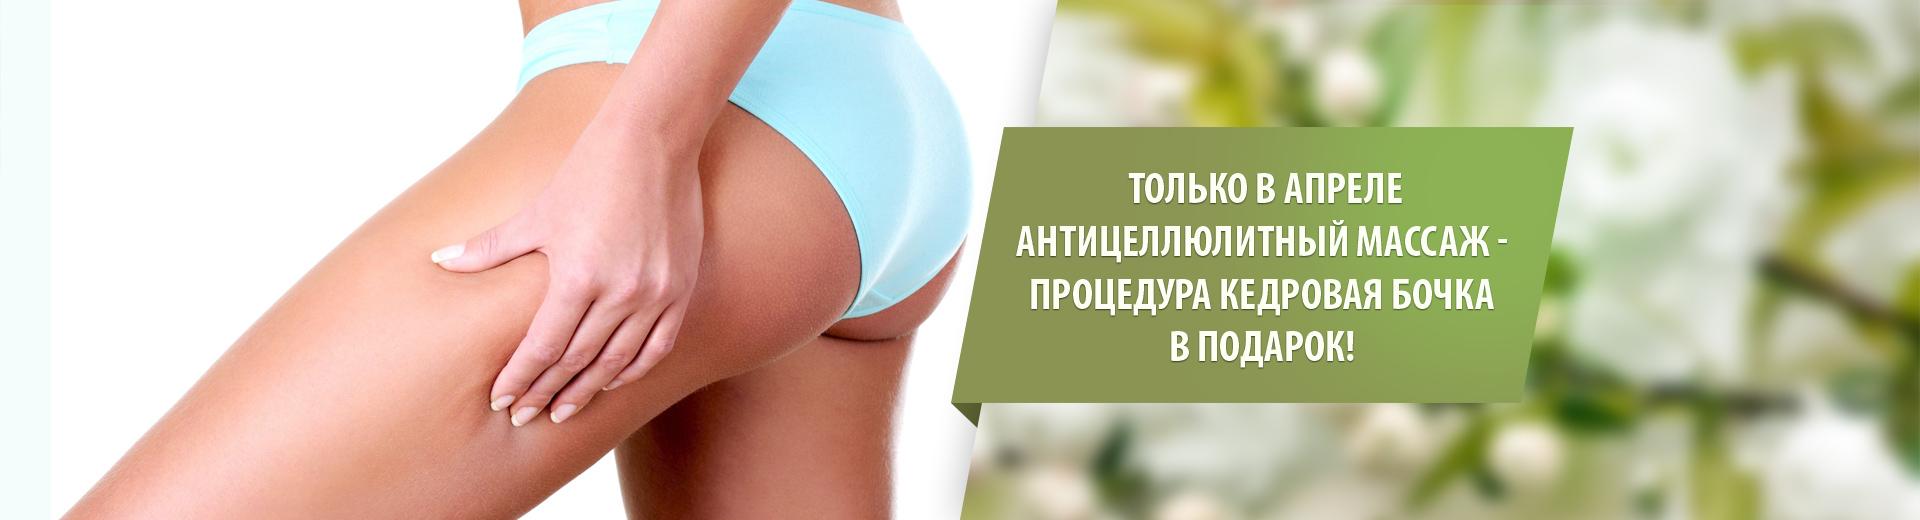 Антицеллюлитный массаж - процедура Кедровая бочка в подарок!